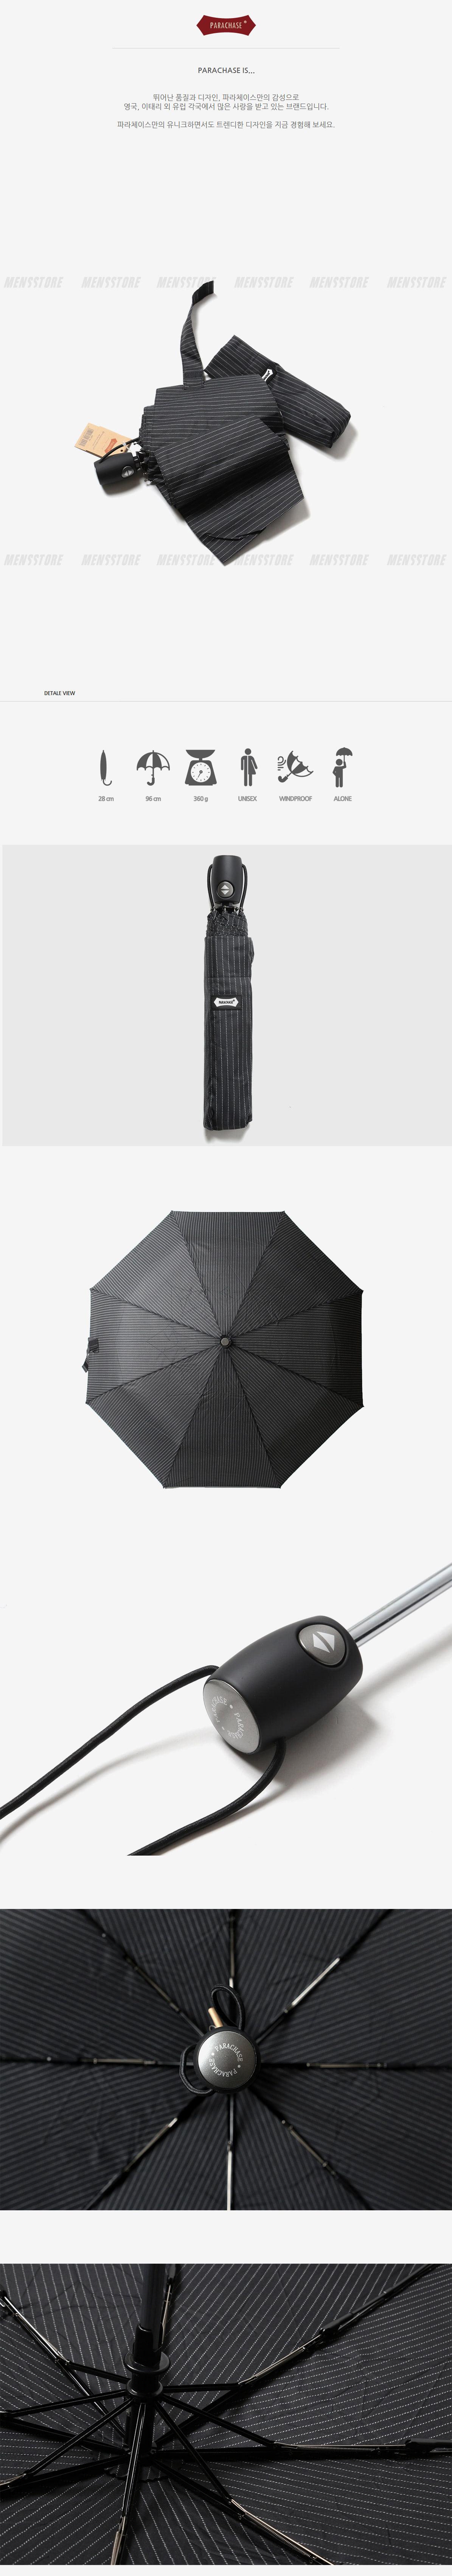 파라체이스(PARACHASE) 3099 스트라이프 베이직 전자동 3단 우산